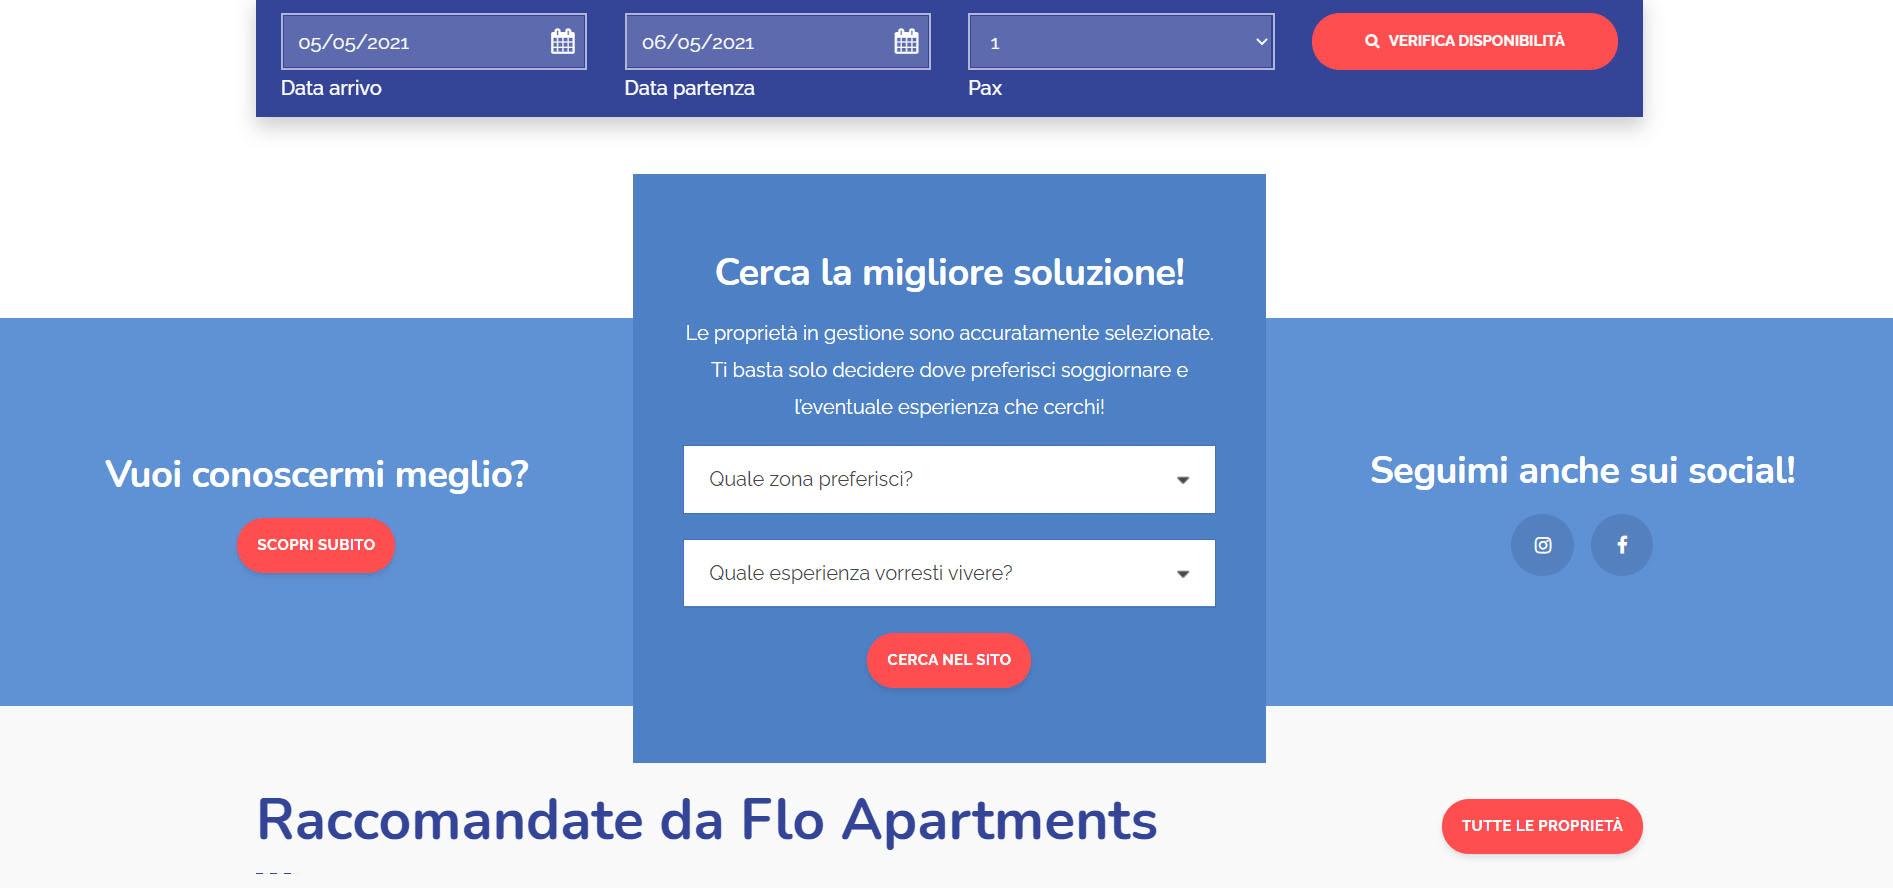 Realizzazione sito web per property Manager: Flo Apartments 2